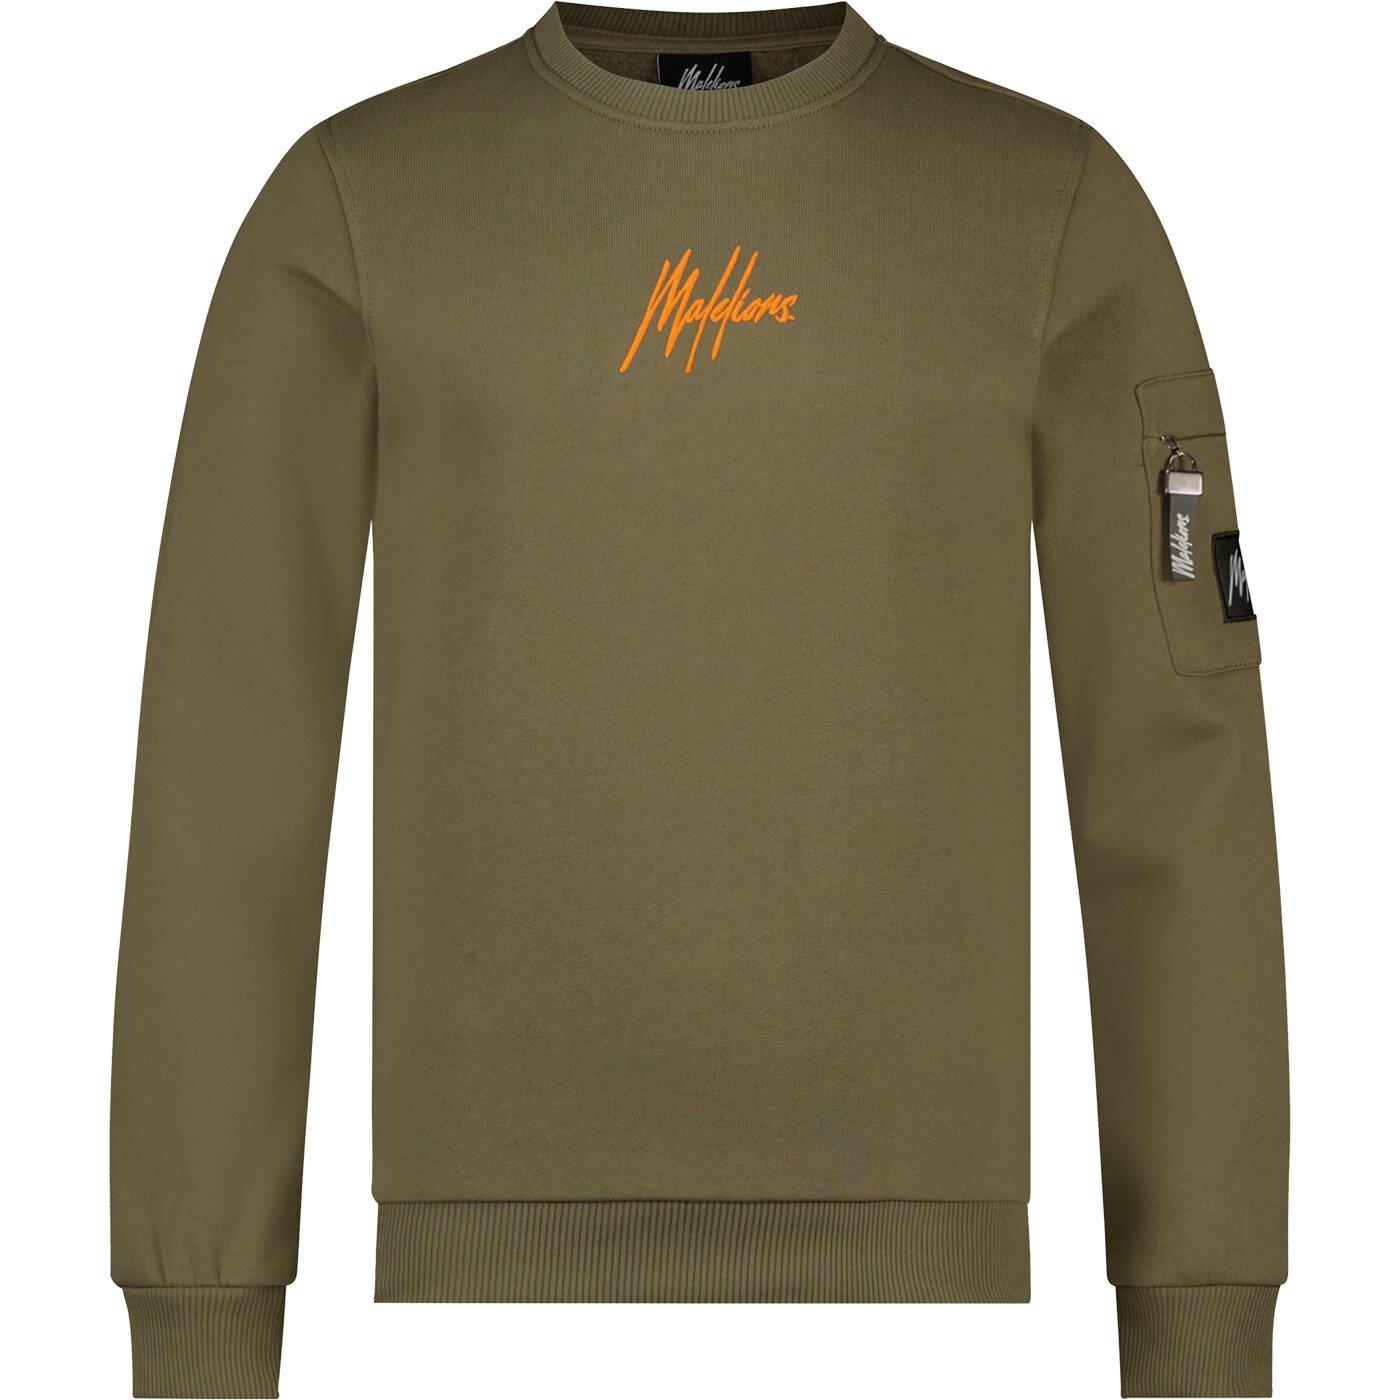 Malelions Pocket Sweater MJ-AW21-1-13 Army Orange